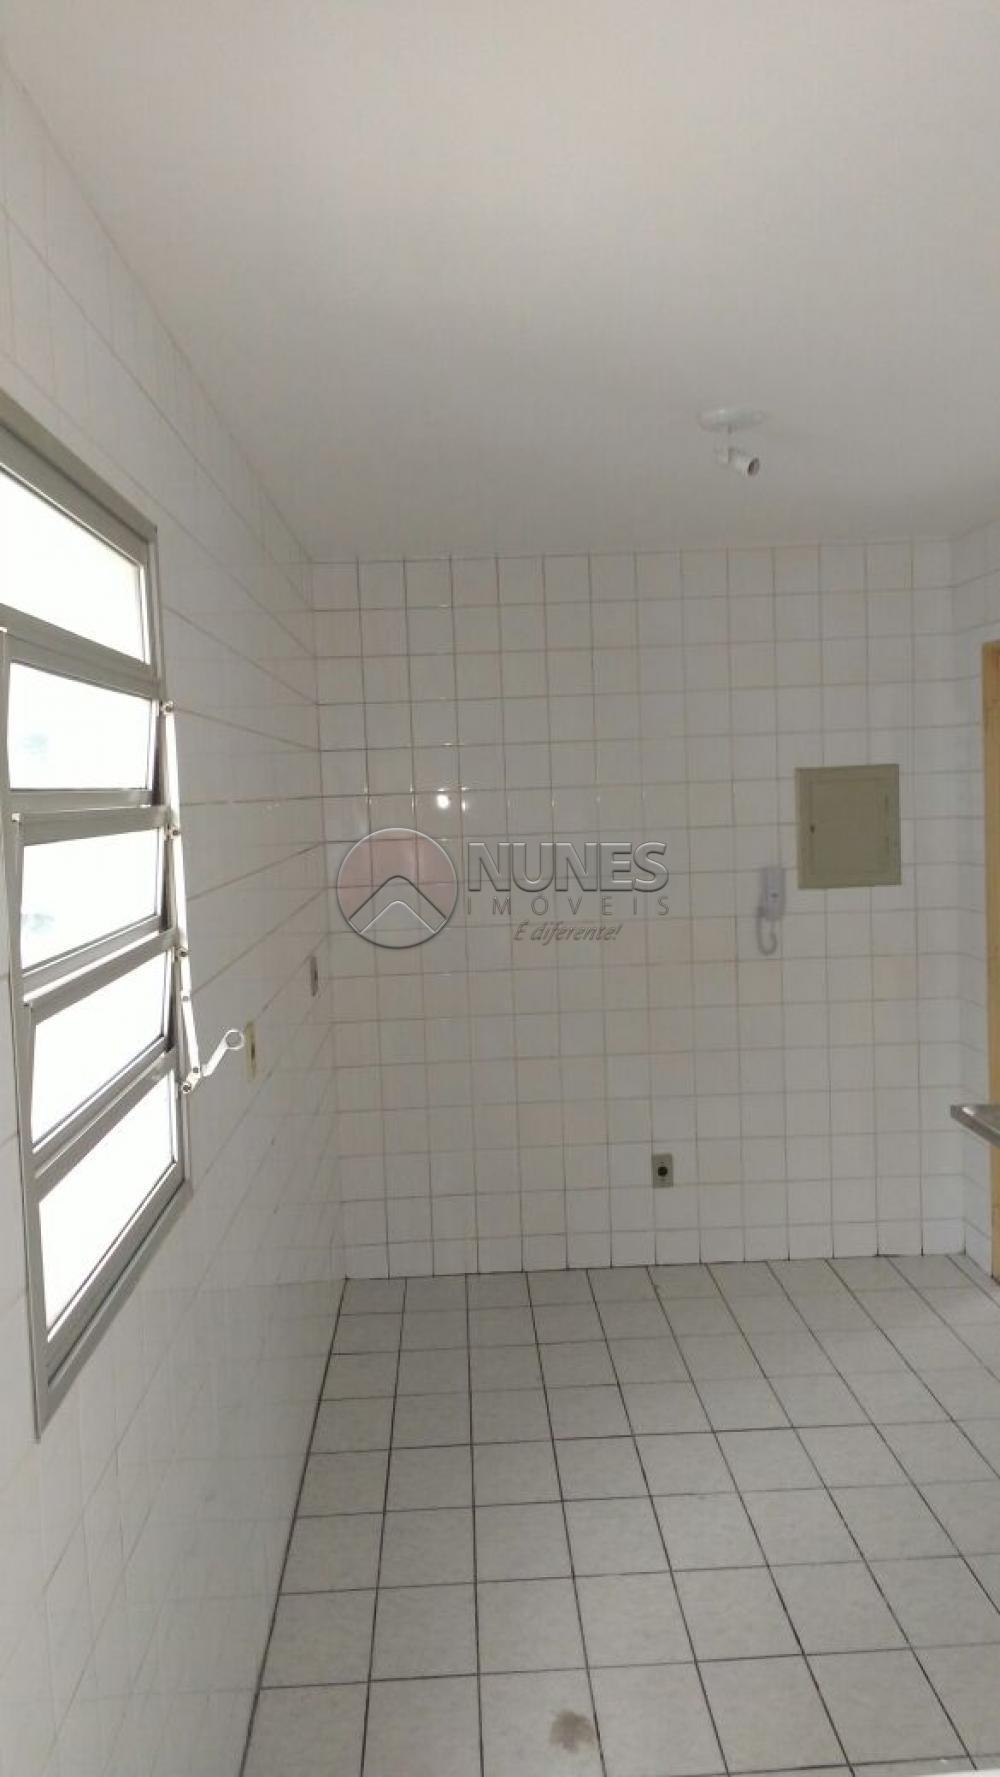 Comprar Apartamento / Padrão em São Paulo apenas R$ 199.000,00 - Foto 6